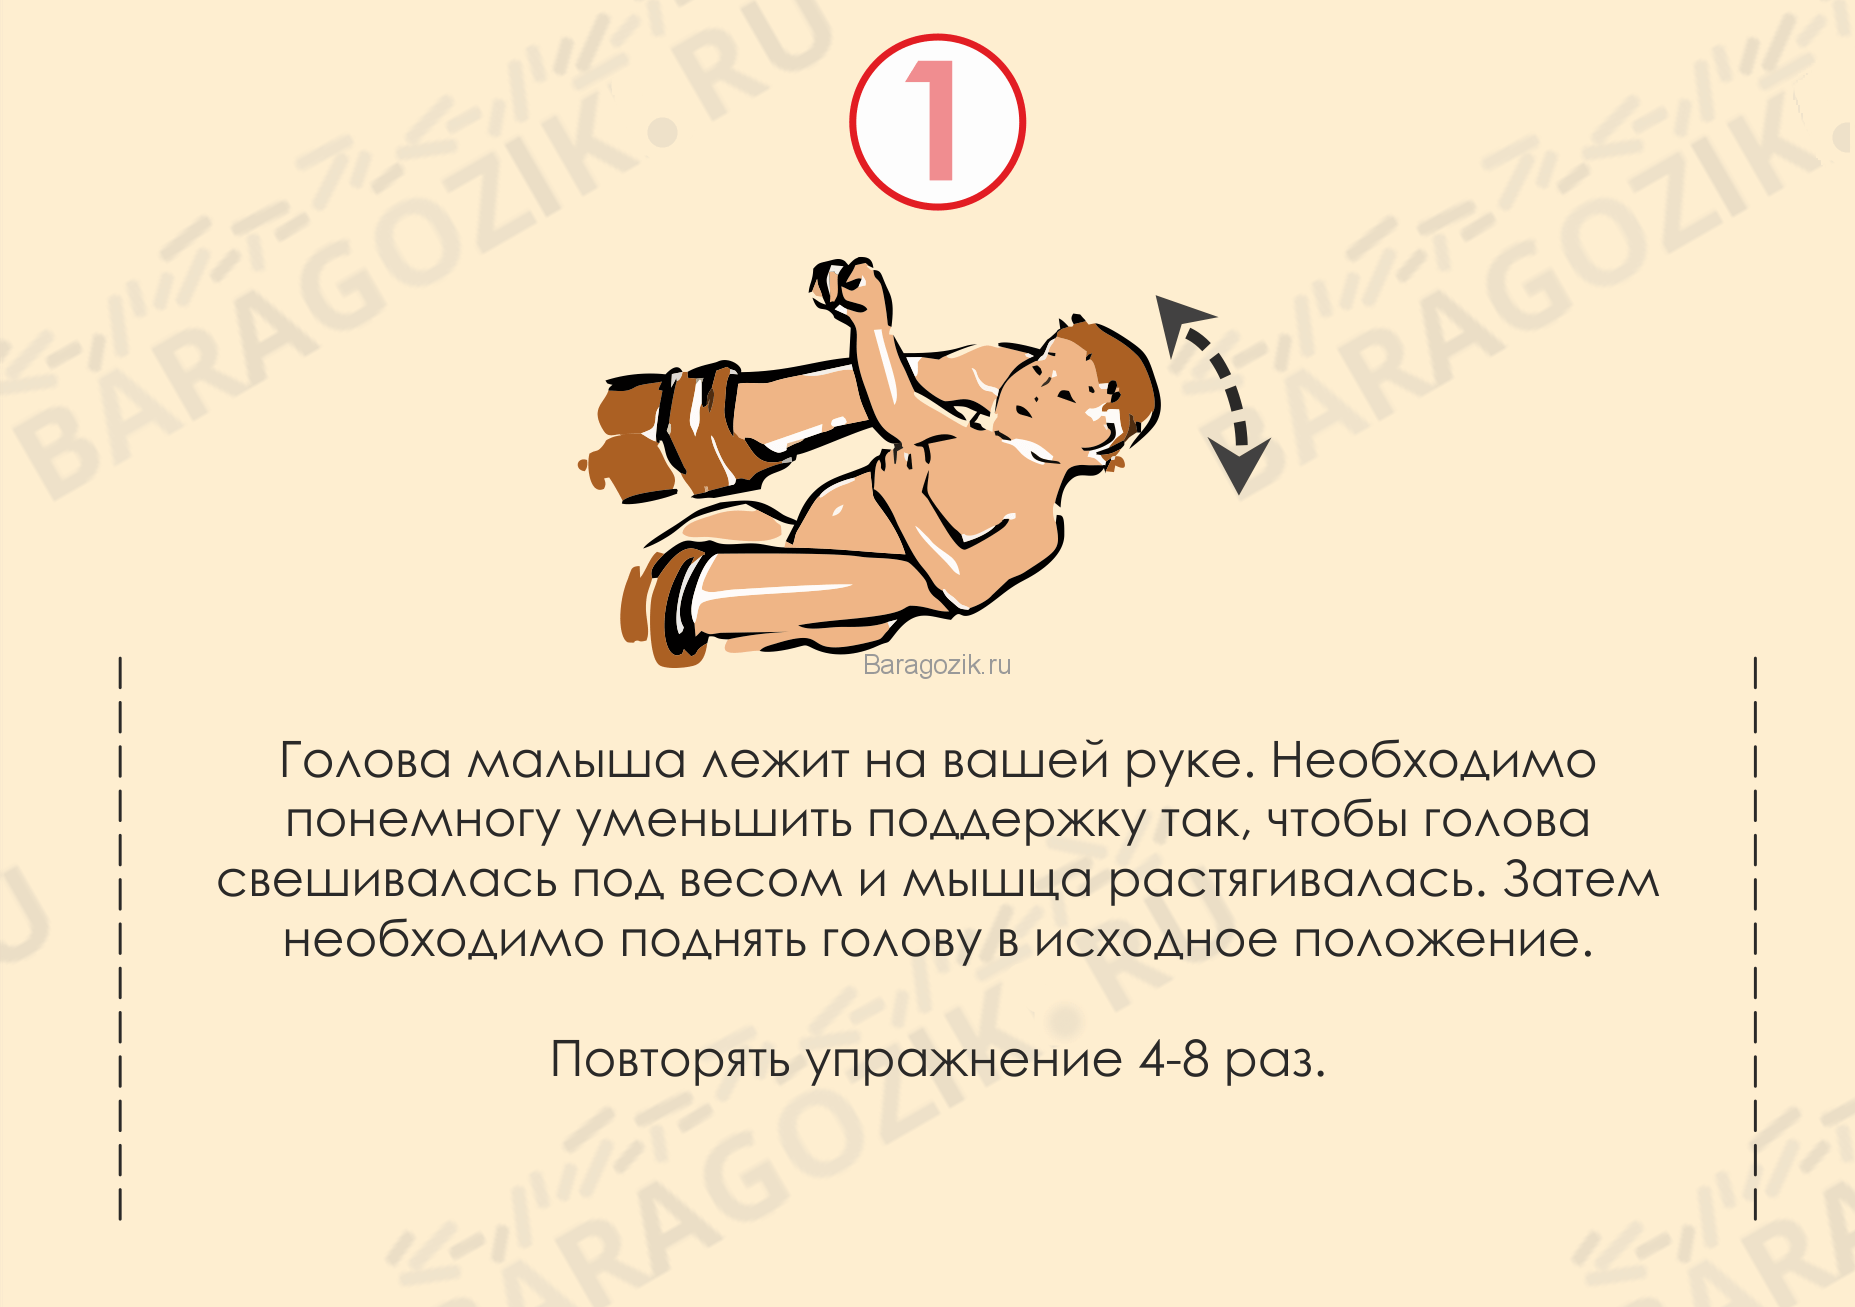 Кривошея у ребенка - упражнение 1